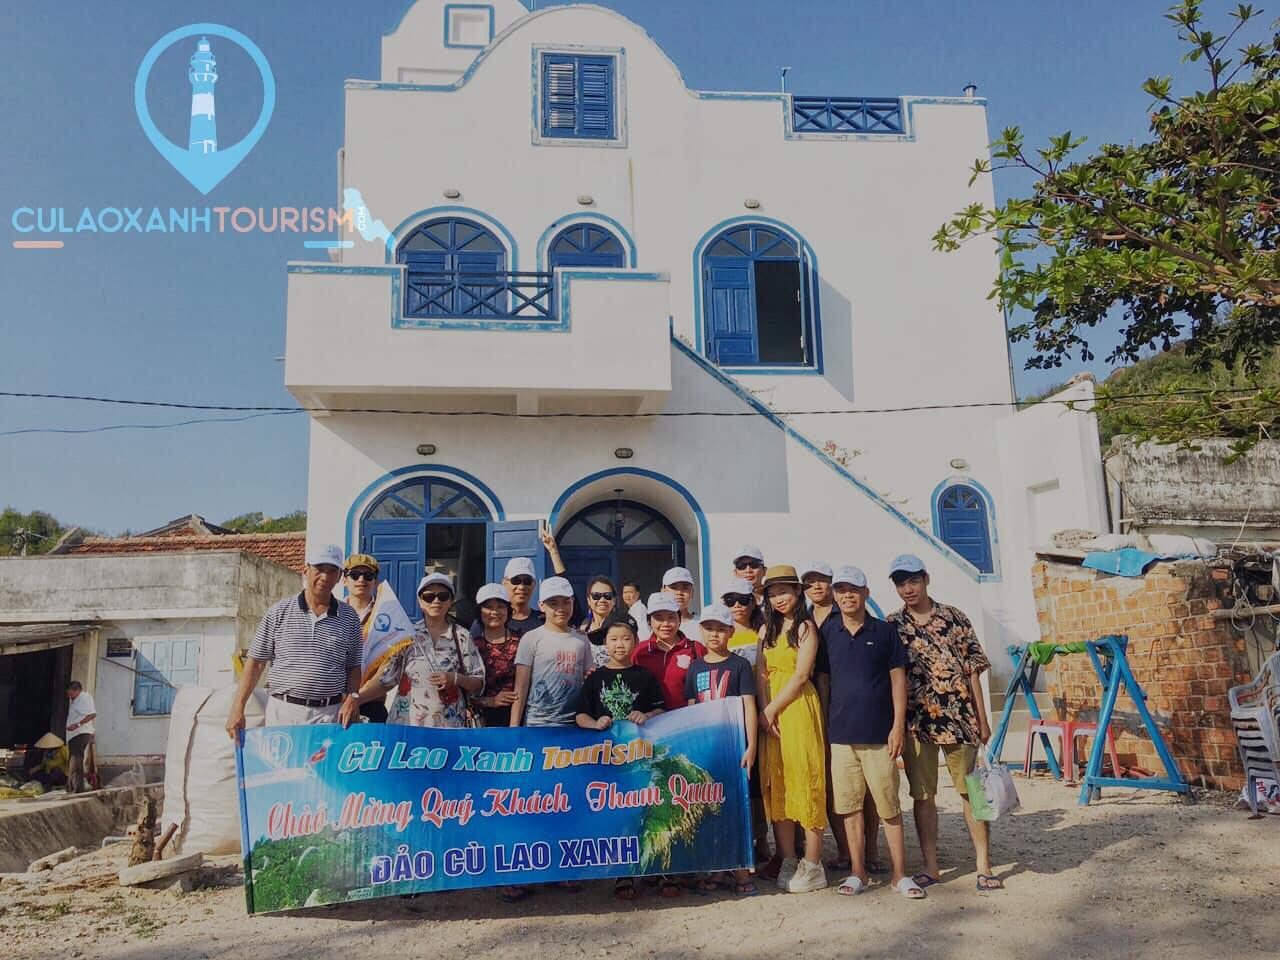 Homestay tại Cù Lao Xanh – ở đâu khi du lịch Cù Lao Xanh?